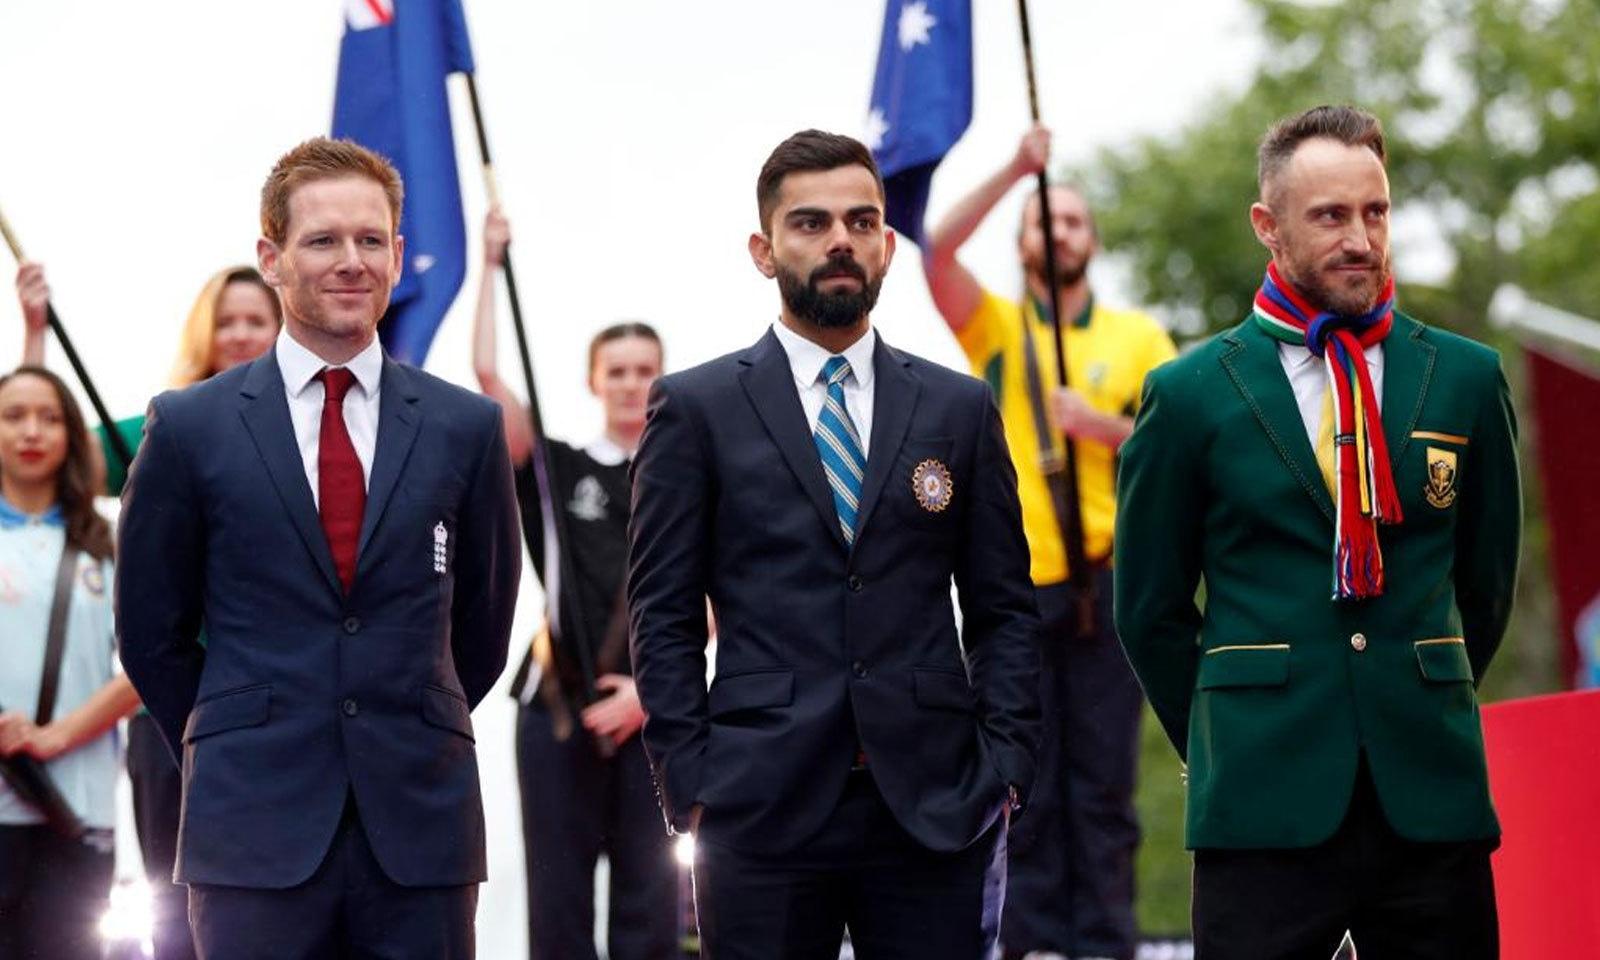 اوپننگ پارٹی میں ورلڈ کپ ٹیموں کے کپتانوں نے شرکت کی — فوٹو:ورلڈ کپ ٹوئٹر